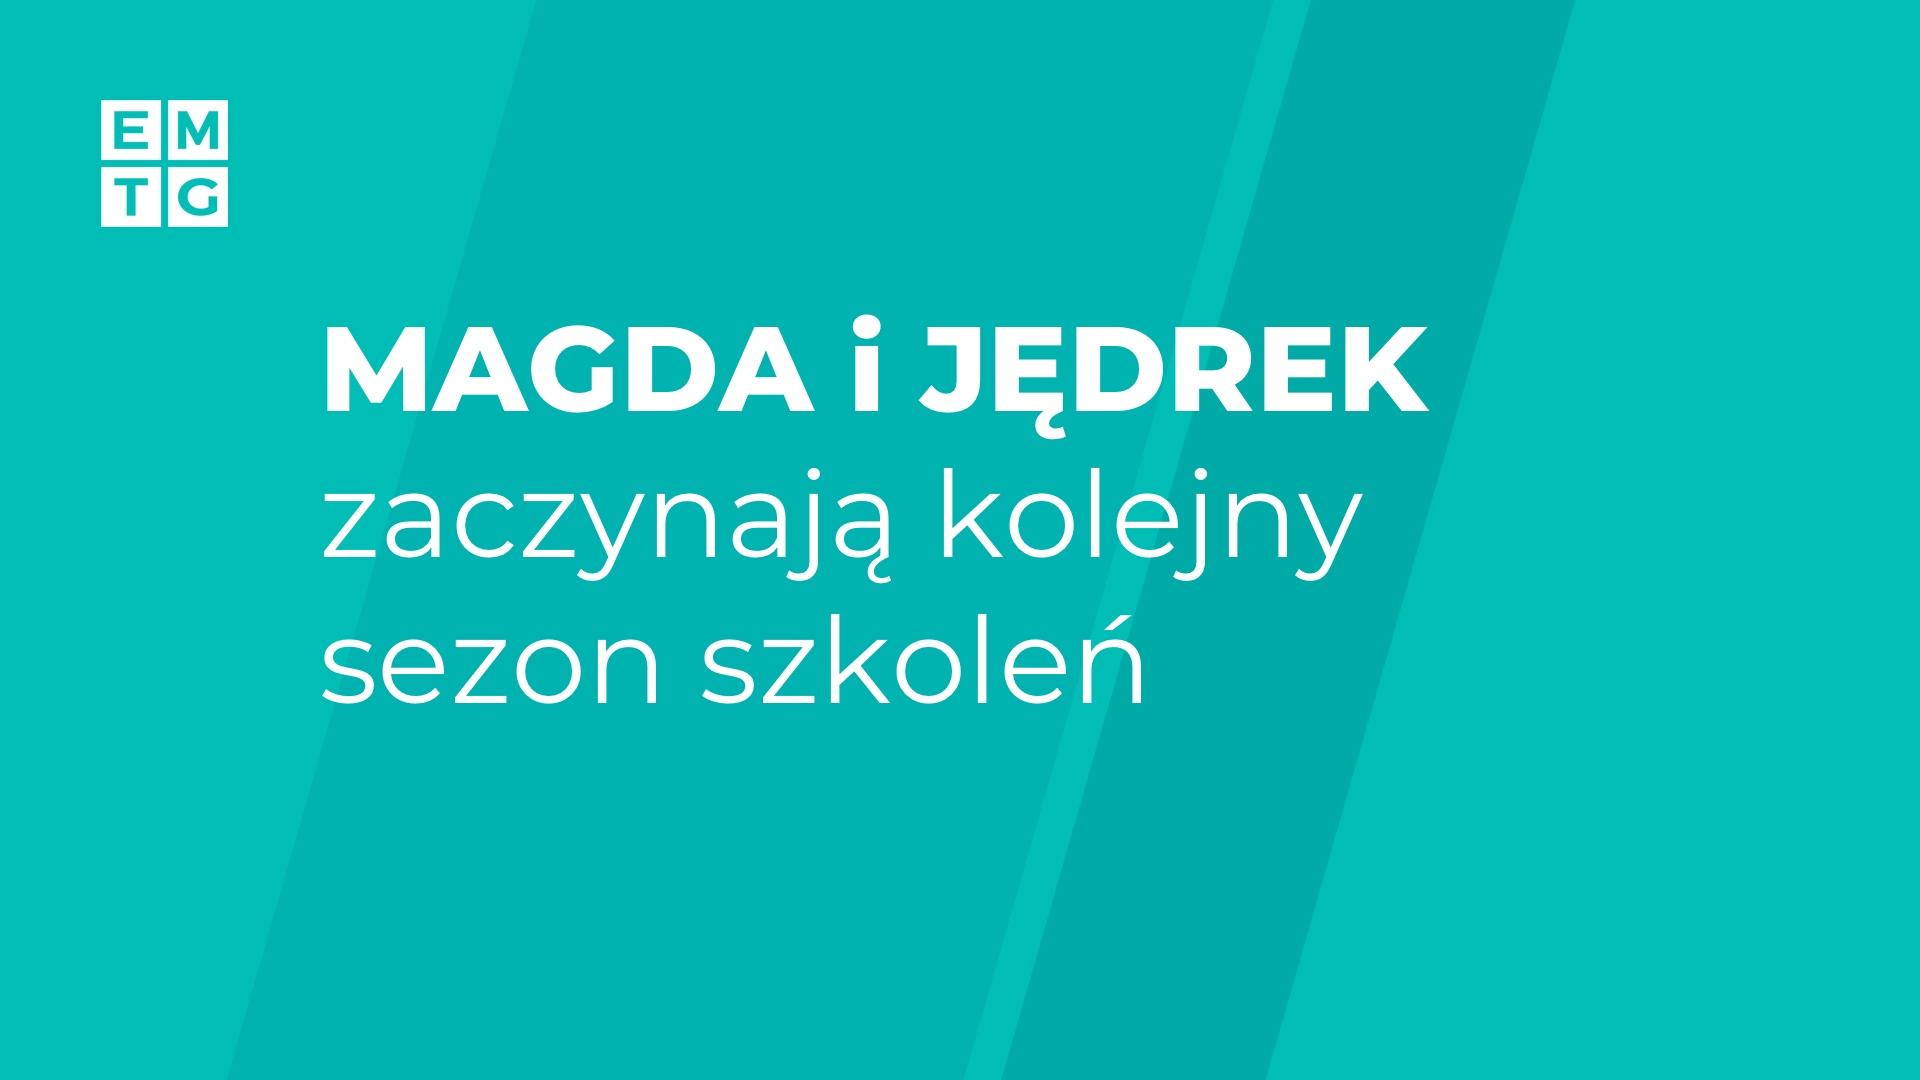 Magda i Jędrek zaczynają kolejny sezon